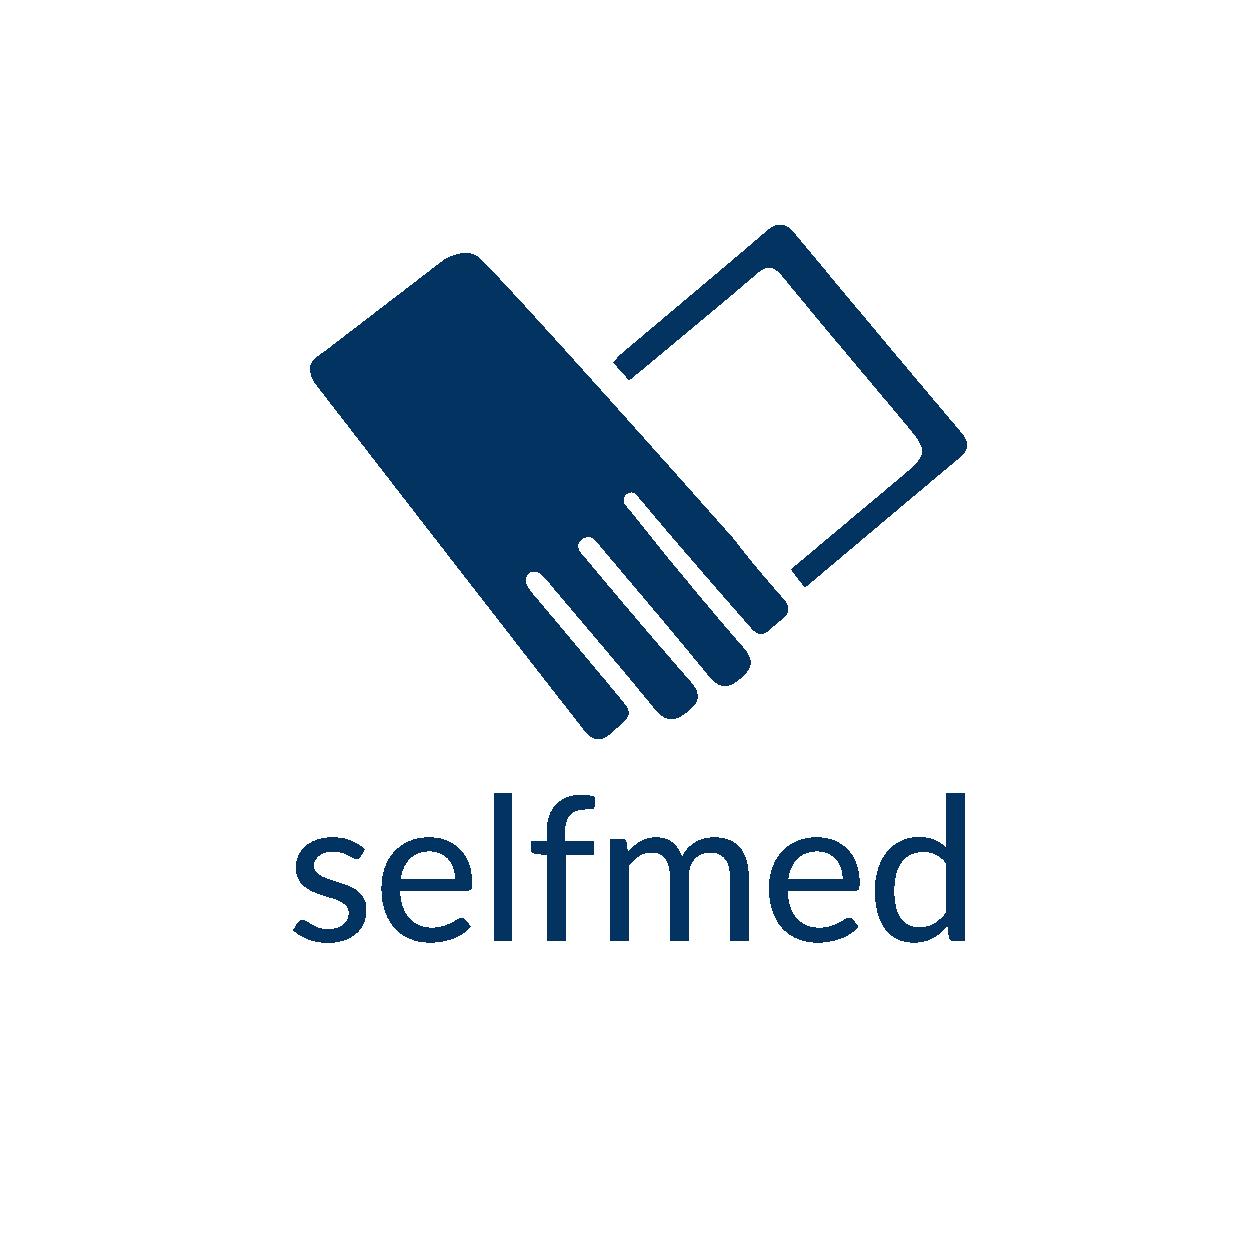 SelfMed